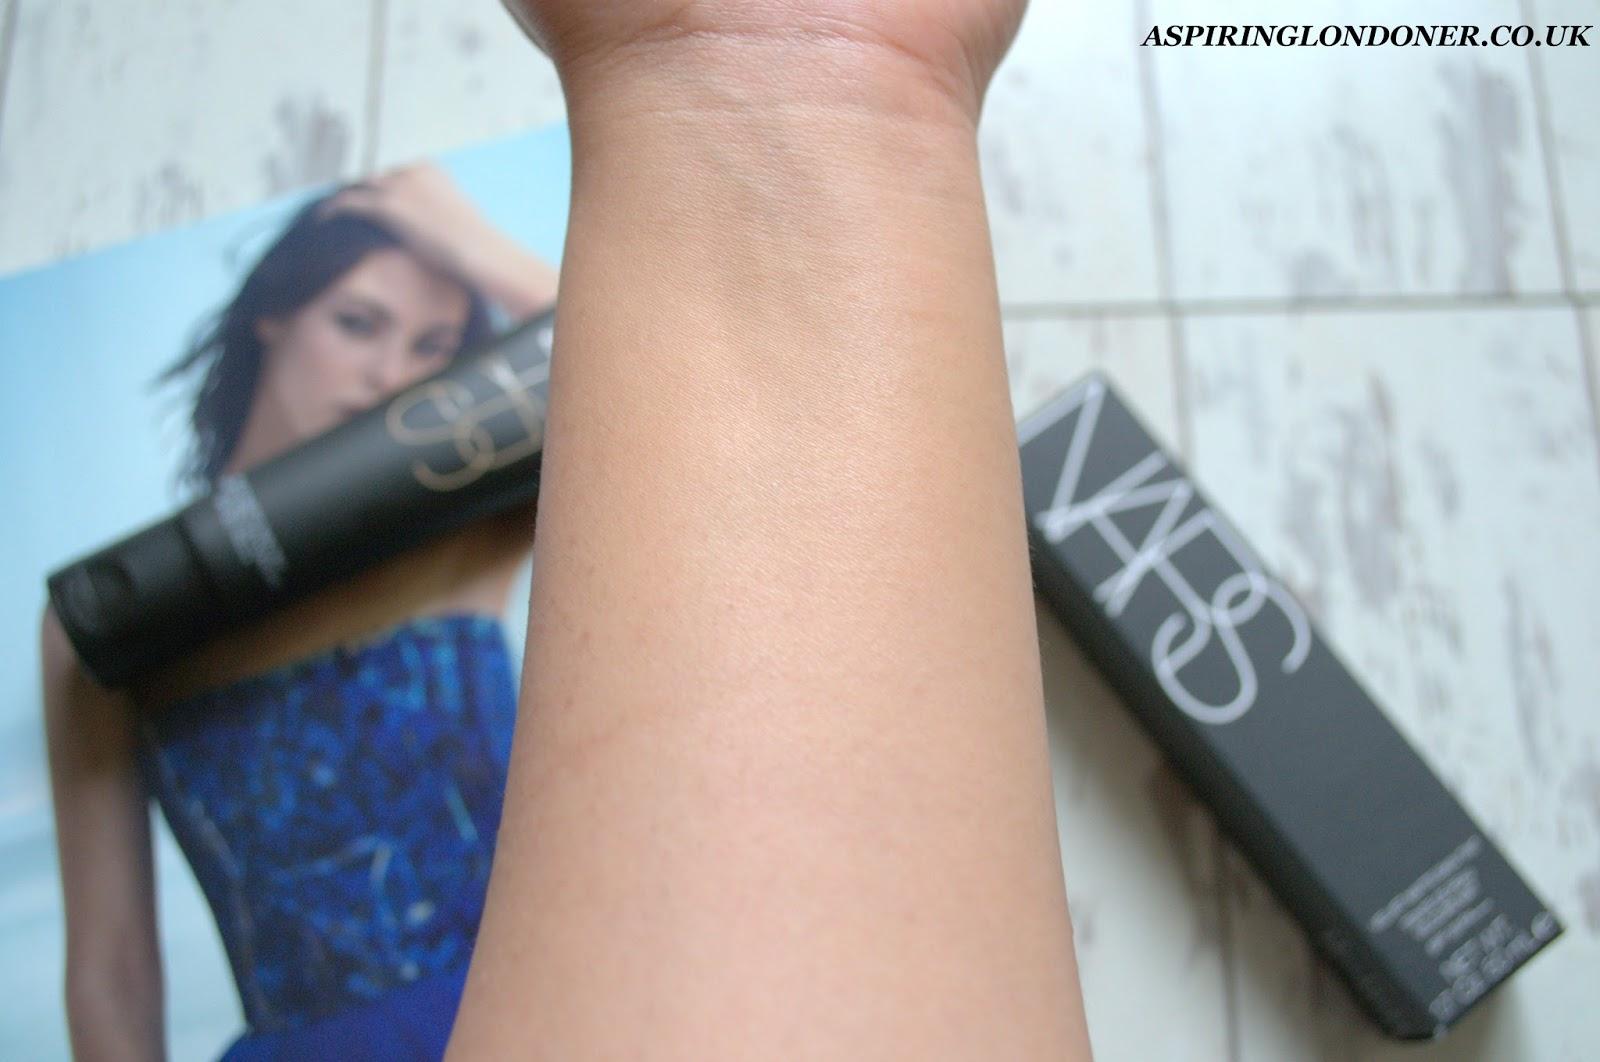 NARS Velvet Matte Skin Tint Review & St Moritz Swatch - Aspiring Londoner